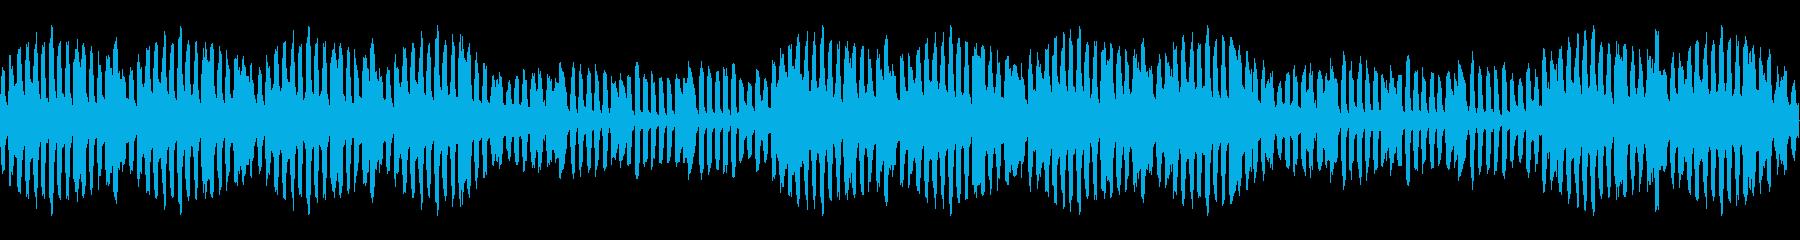 【ドラム・ベース抜き】スロットガチャや…の再生済みの波形